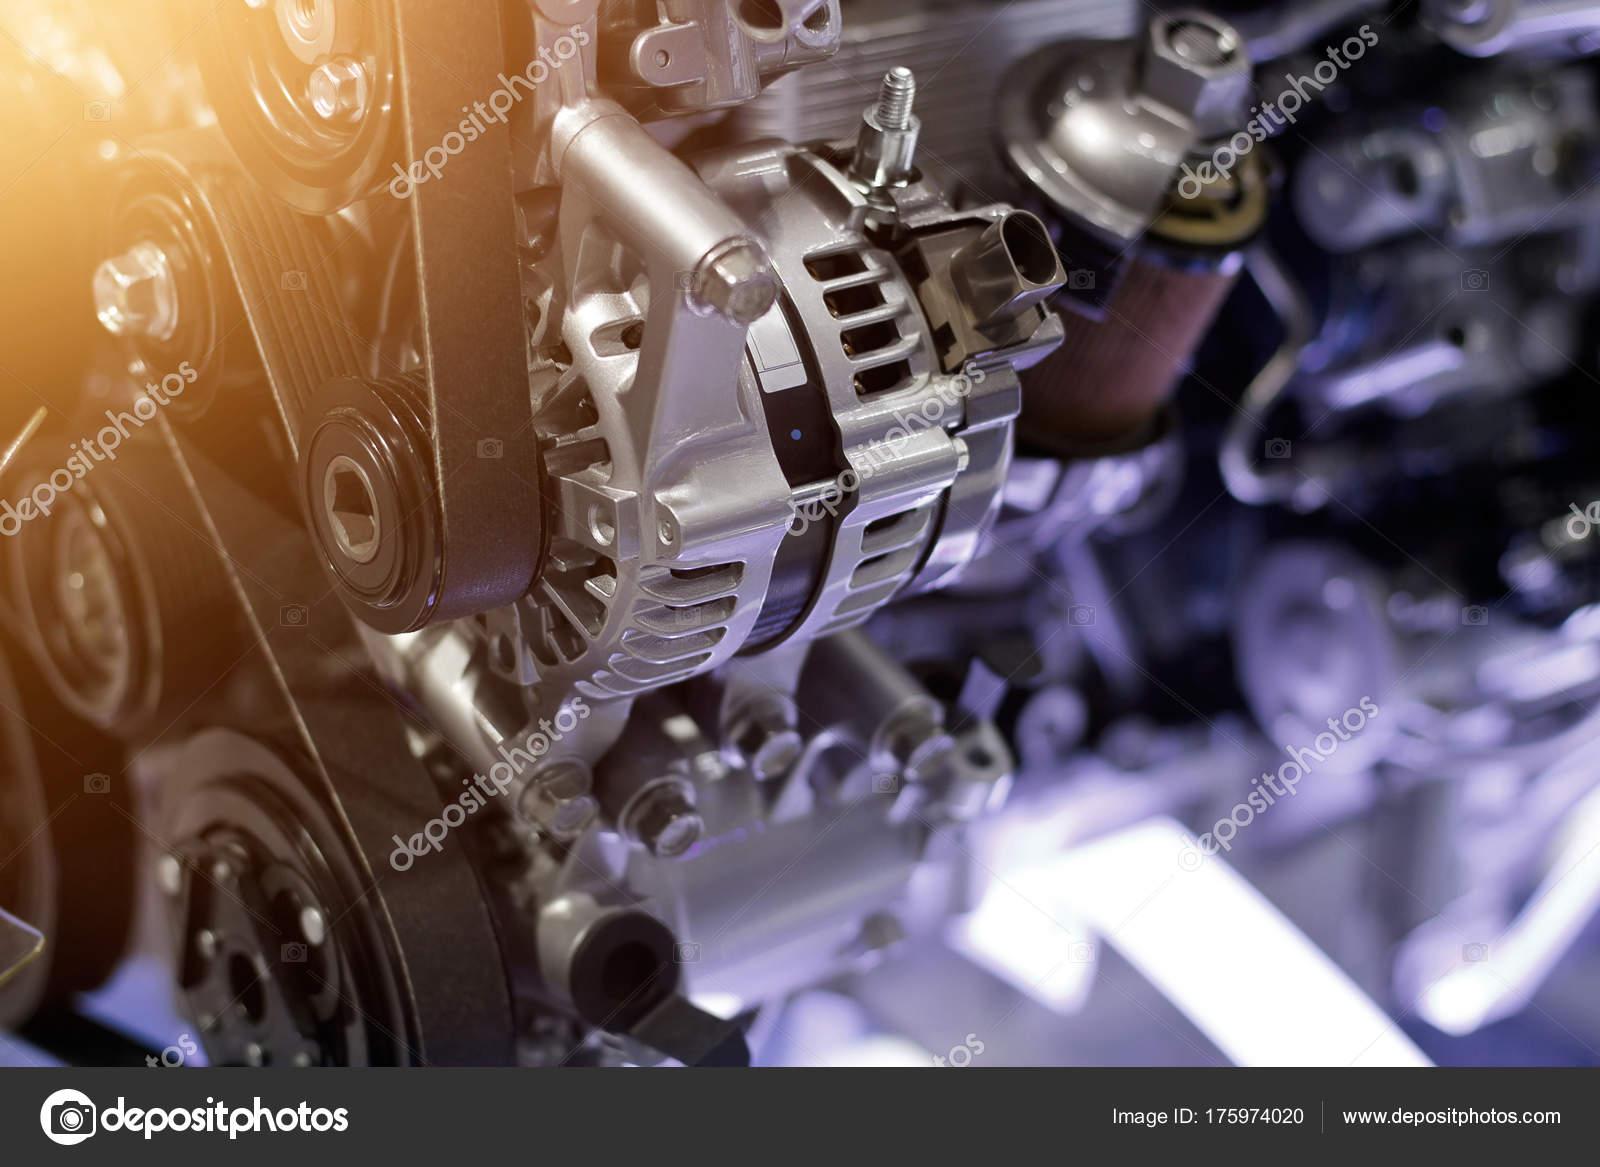 Autoteil des Motors, Konzept der modernen Fahrzeug und geschnittener ...